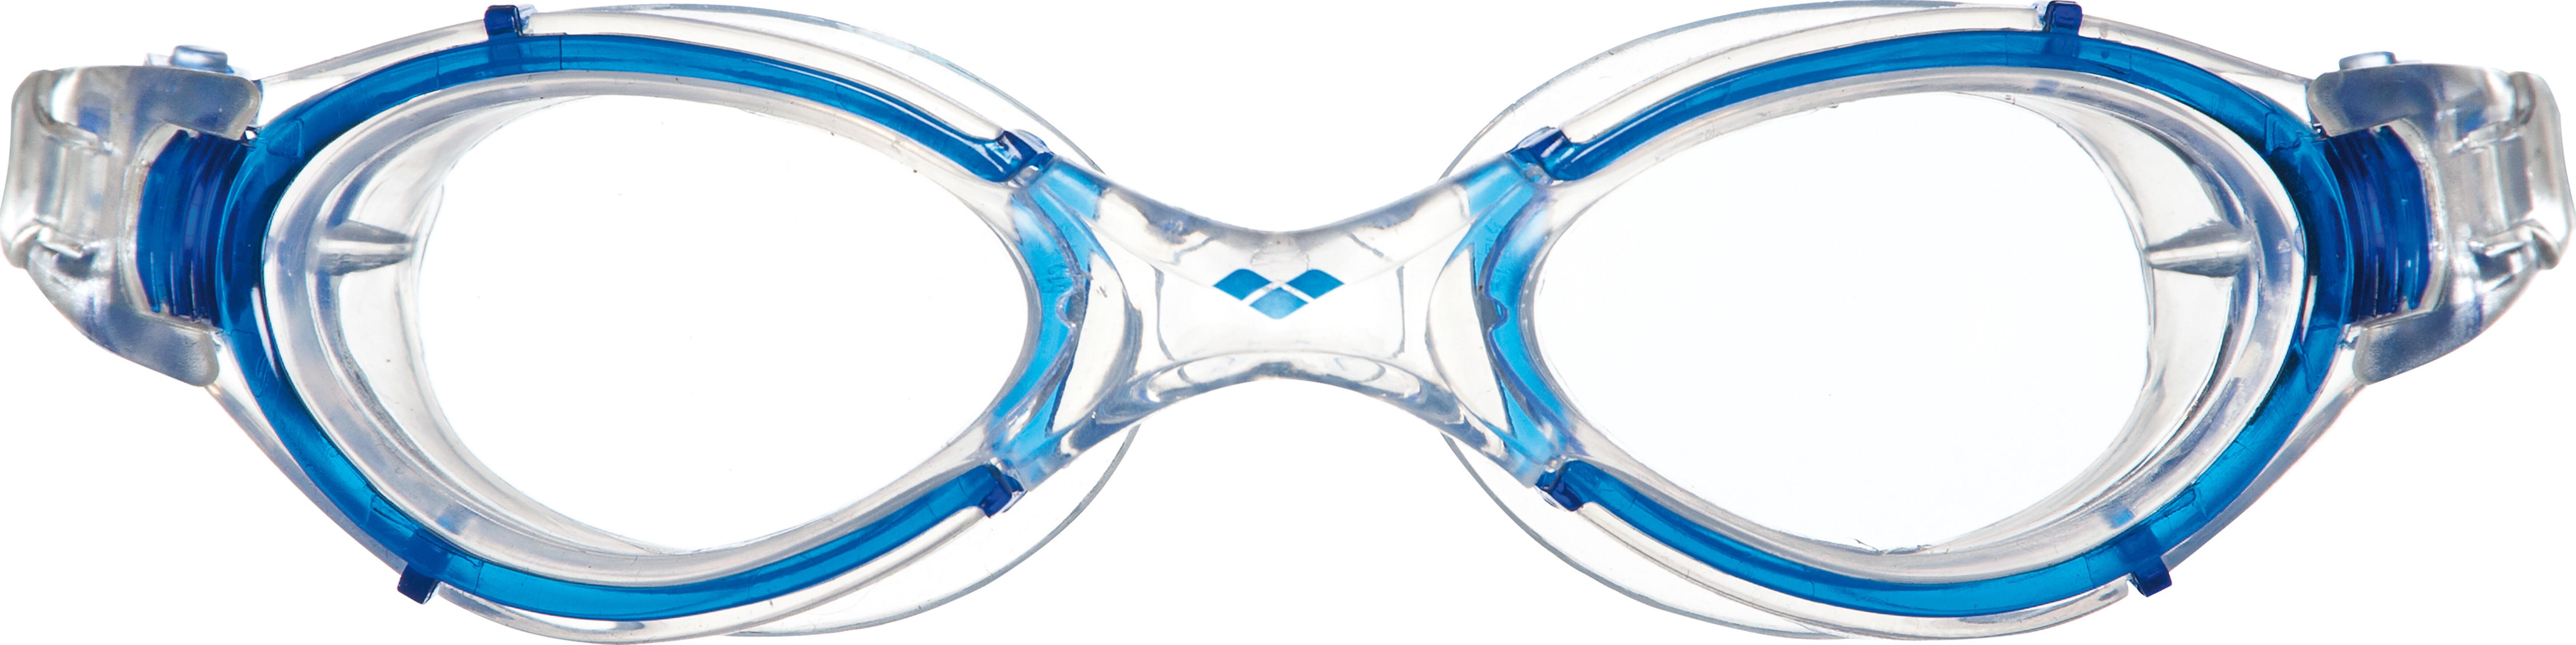 096a4d3098 arena Nimesis Crystal Large - Lunettes de natation - transparent sur ...